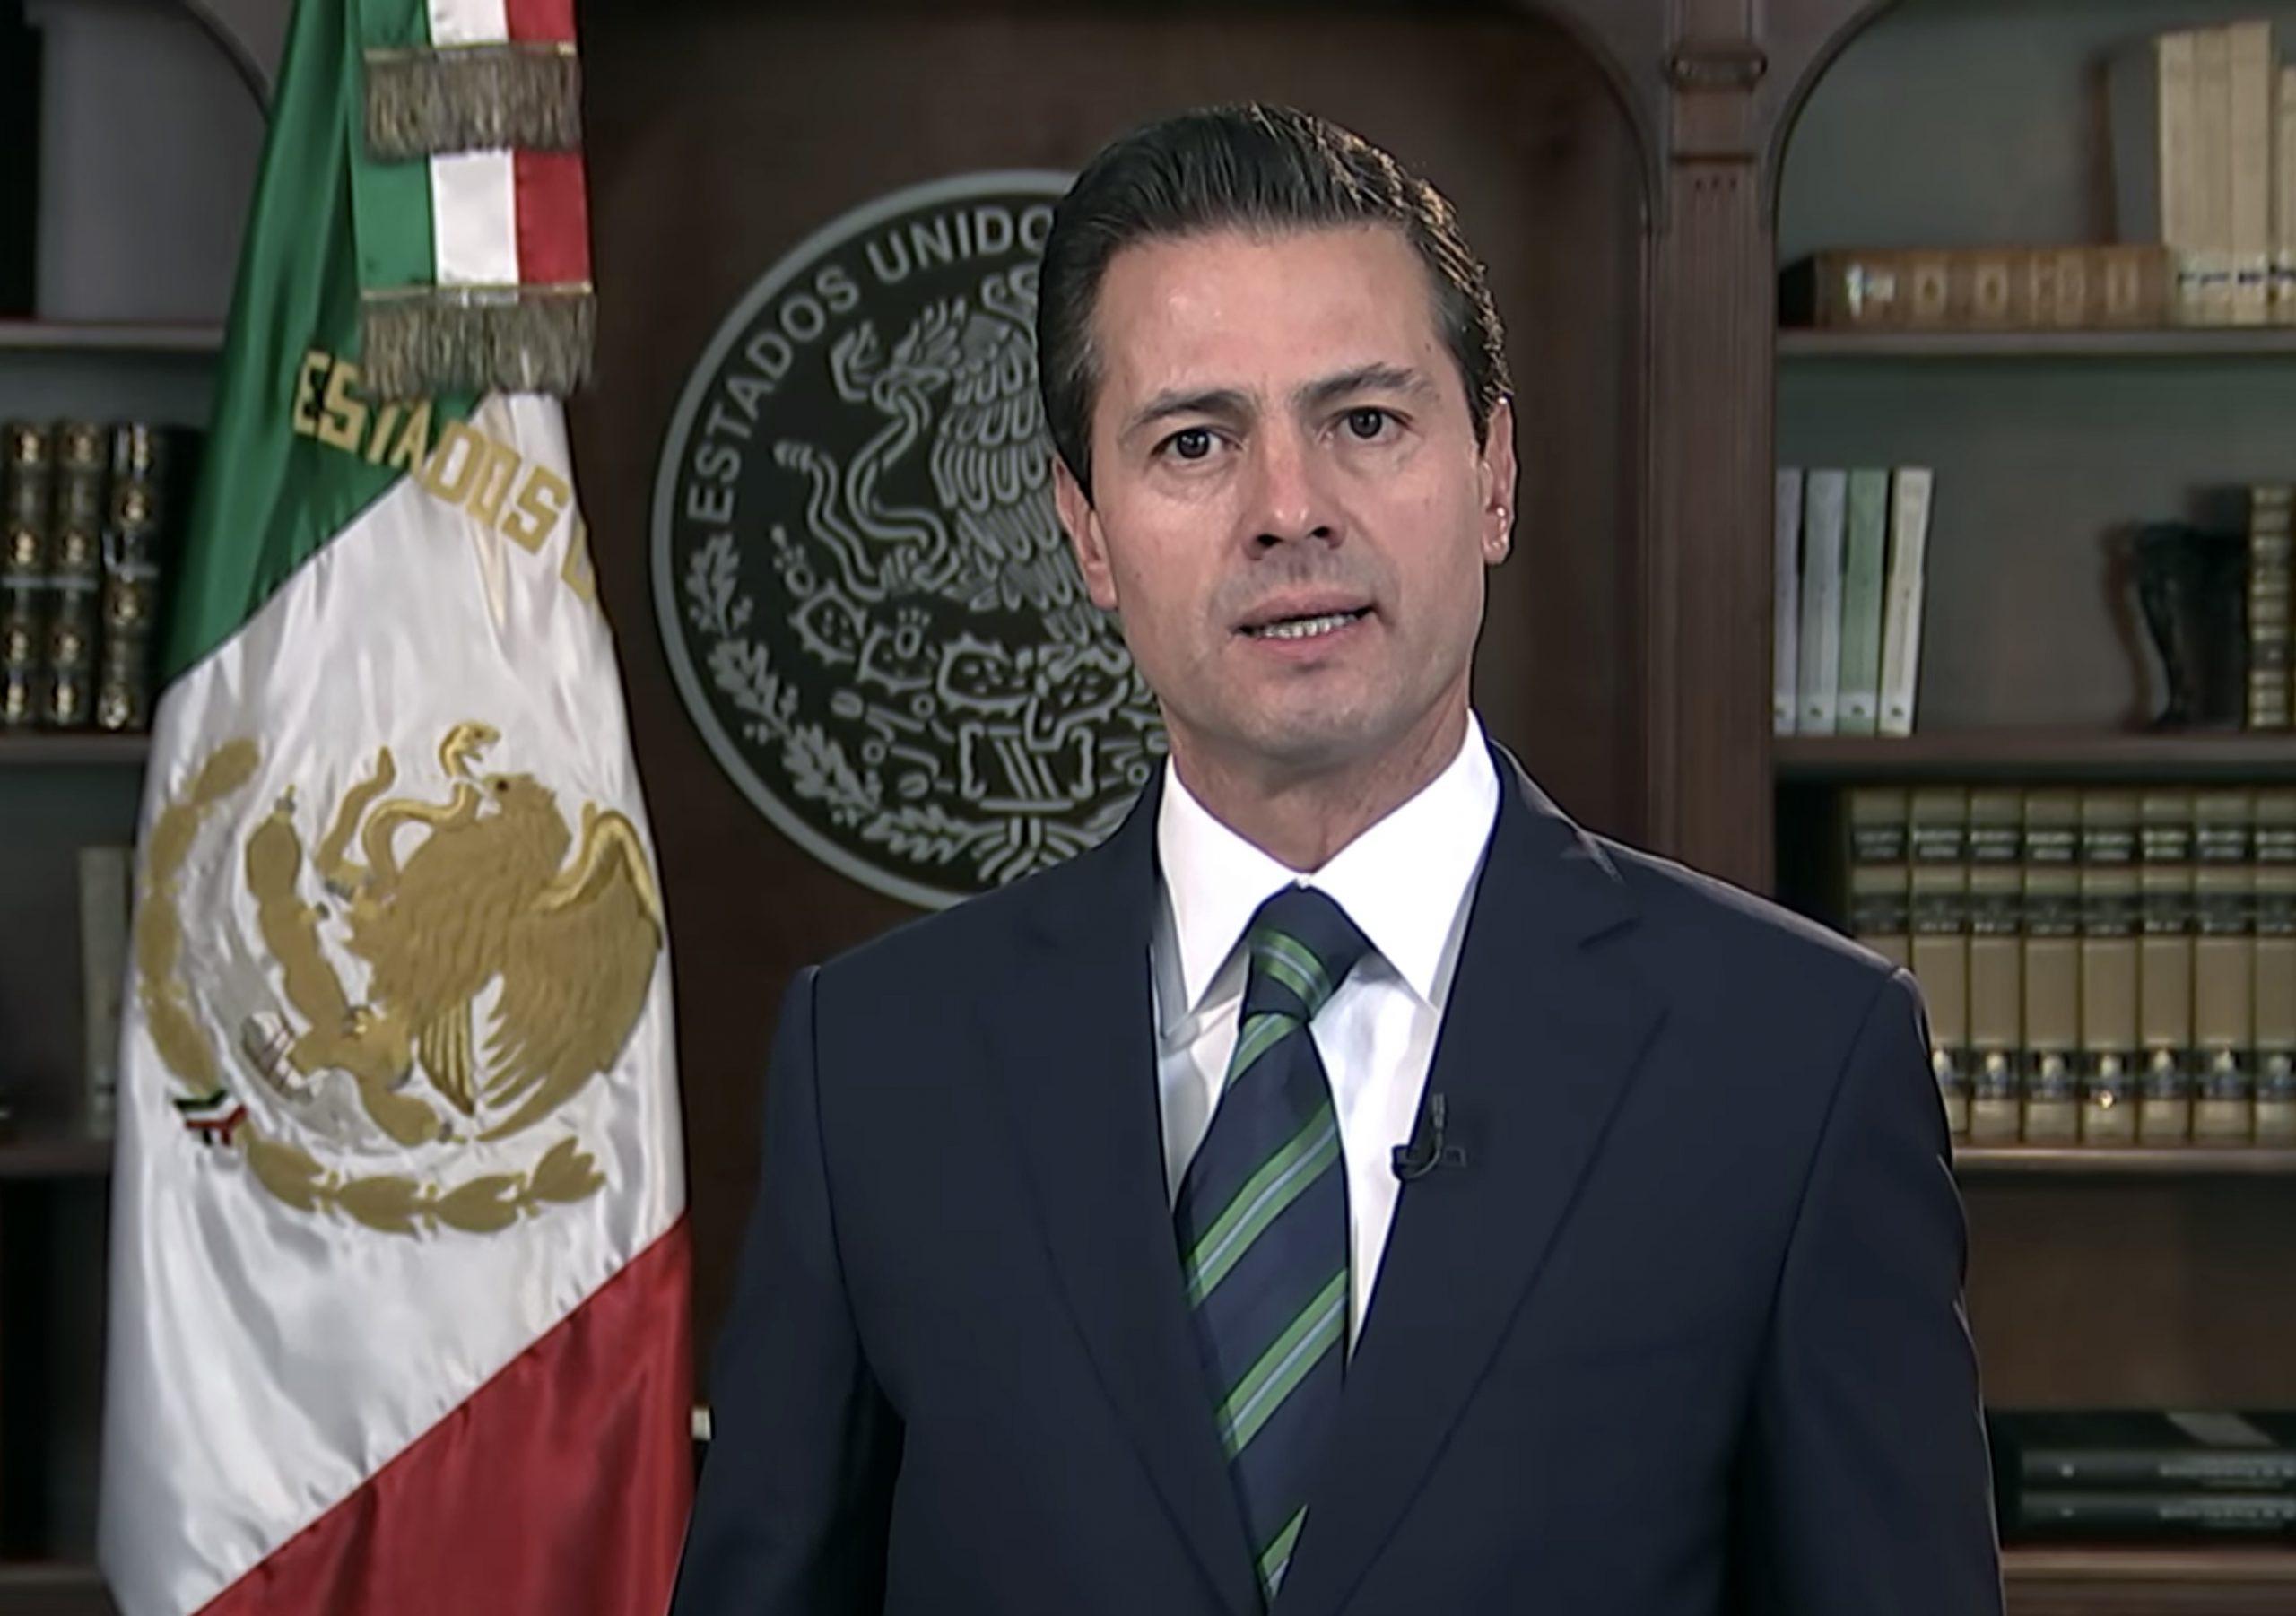 Photo of Nuestro respaldo decidido y verdadero al Presidente de la República Lic. Enrique Peña Nieto